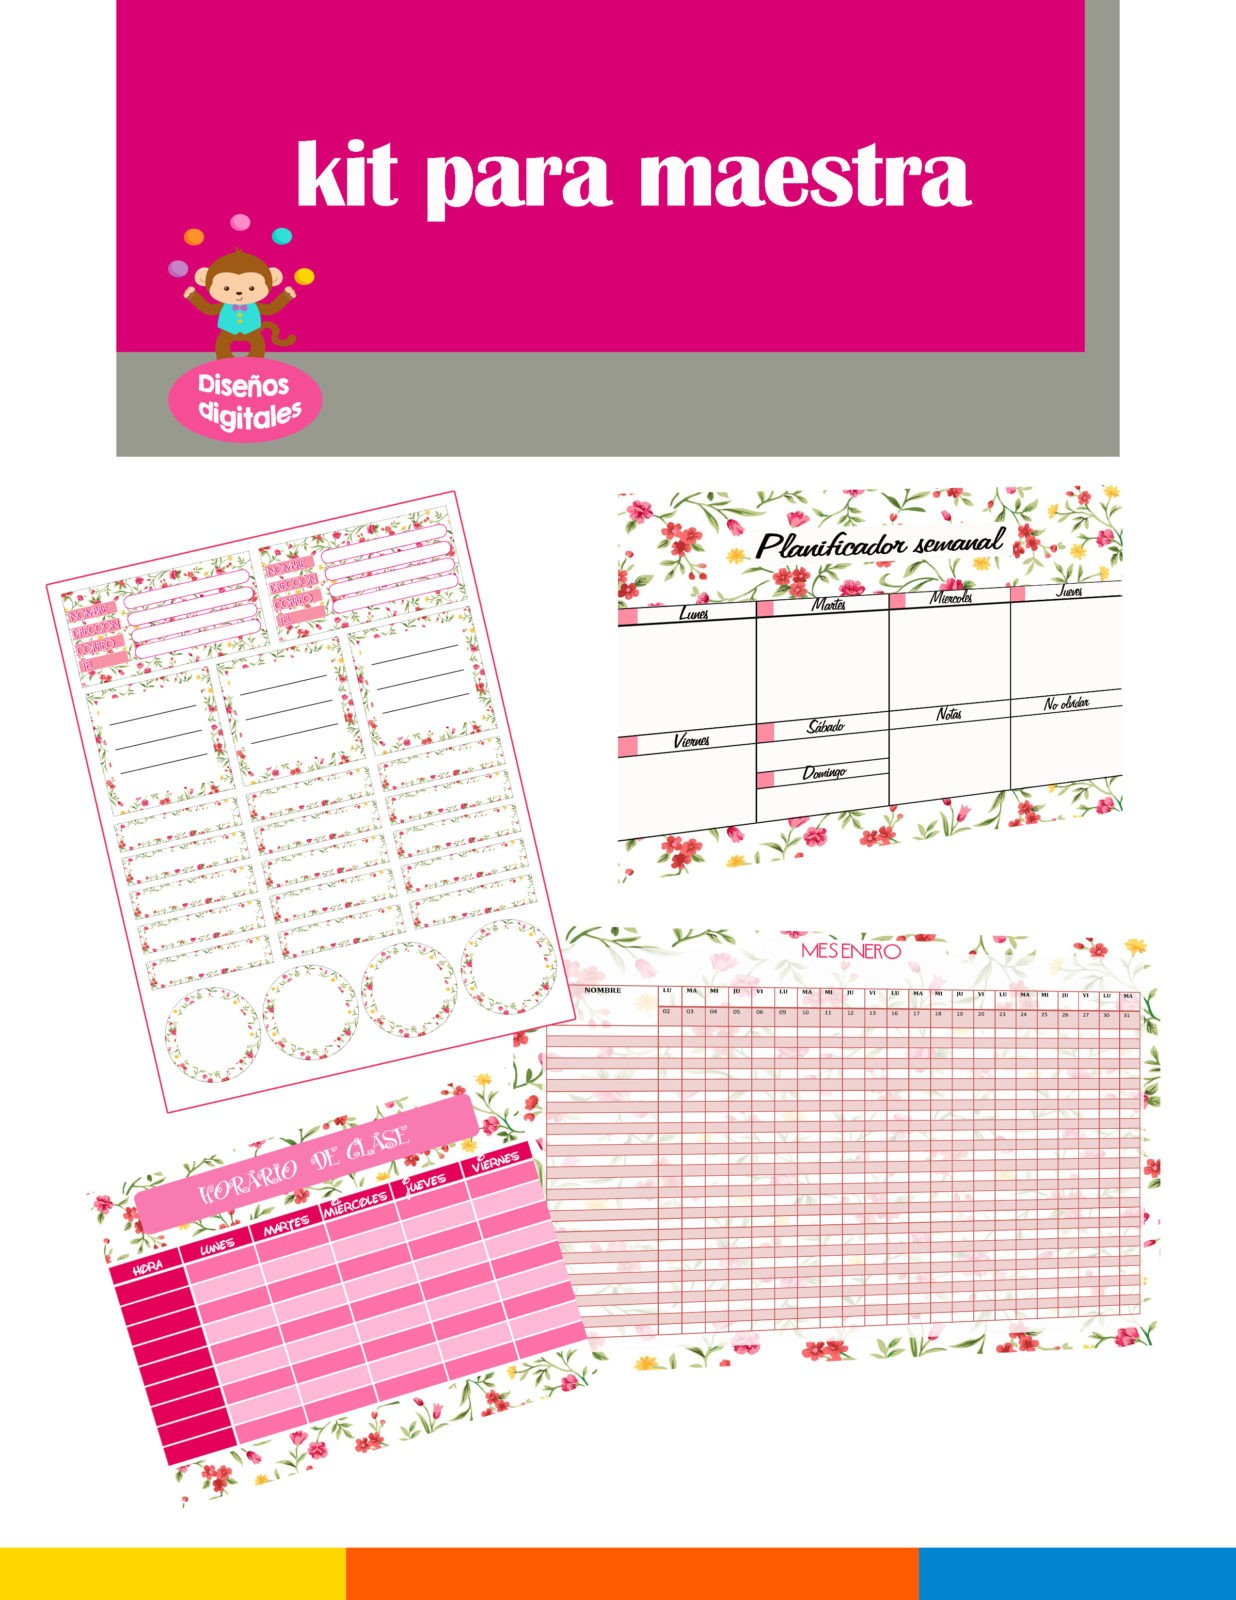 kit para maestra